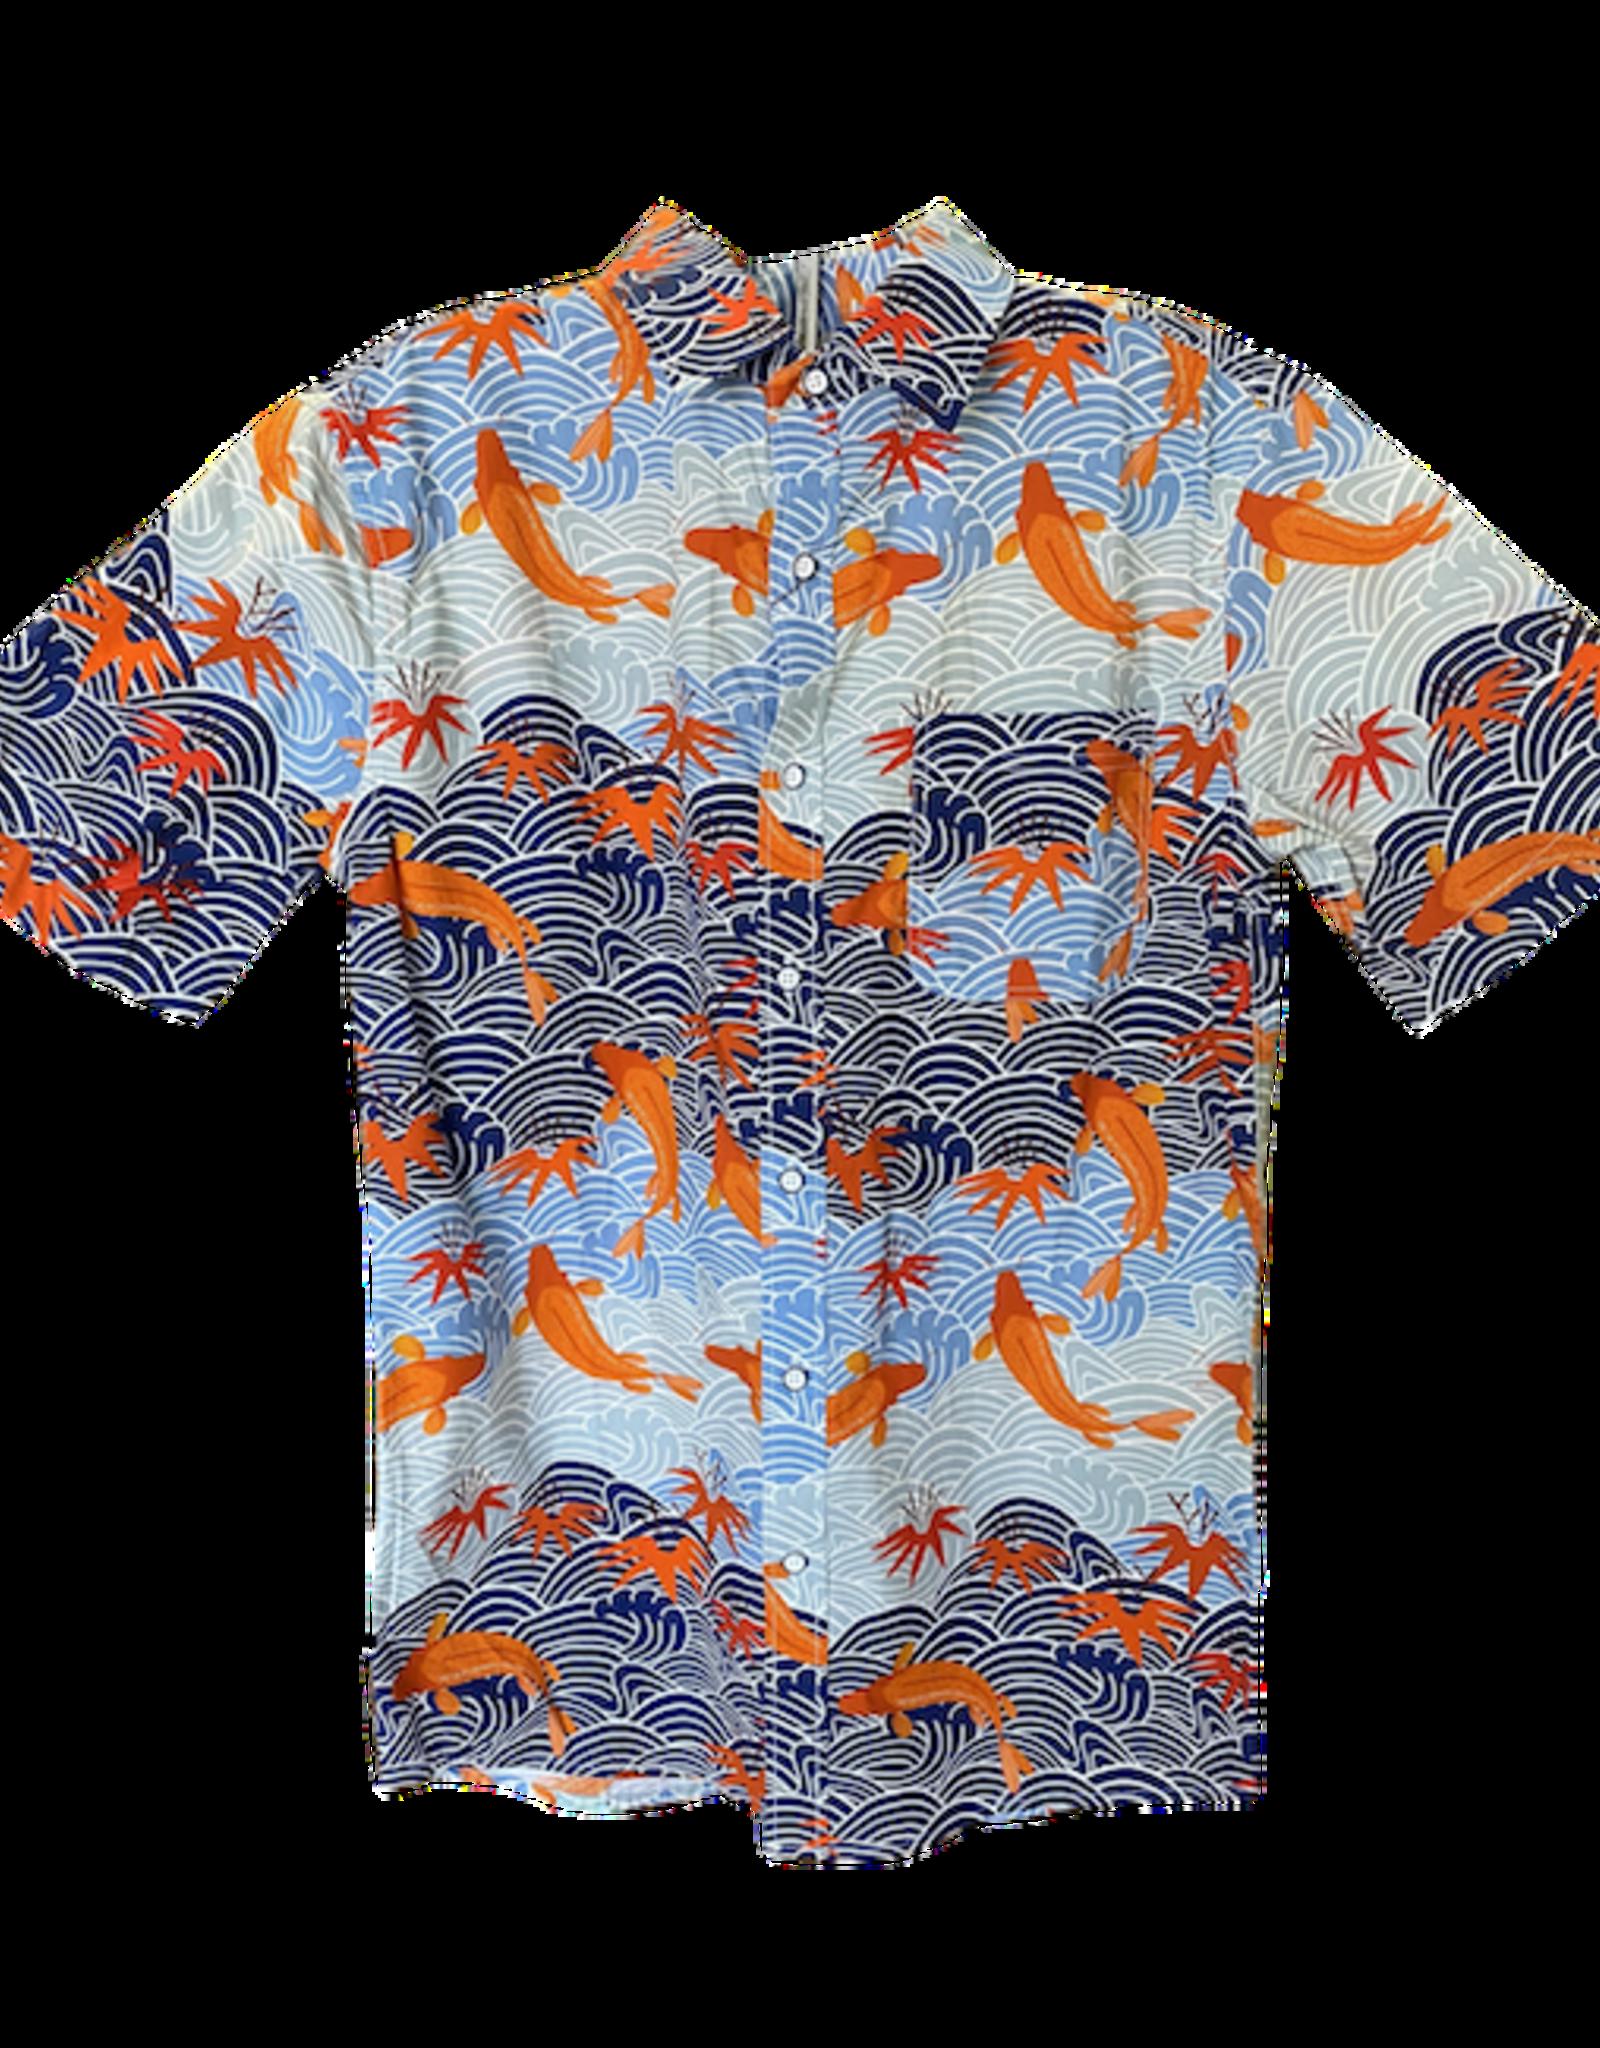 LOFT604 Shirt Japanese Koi